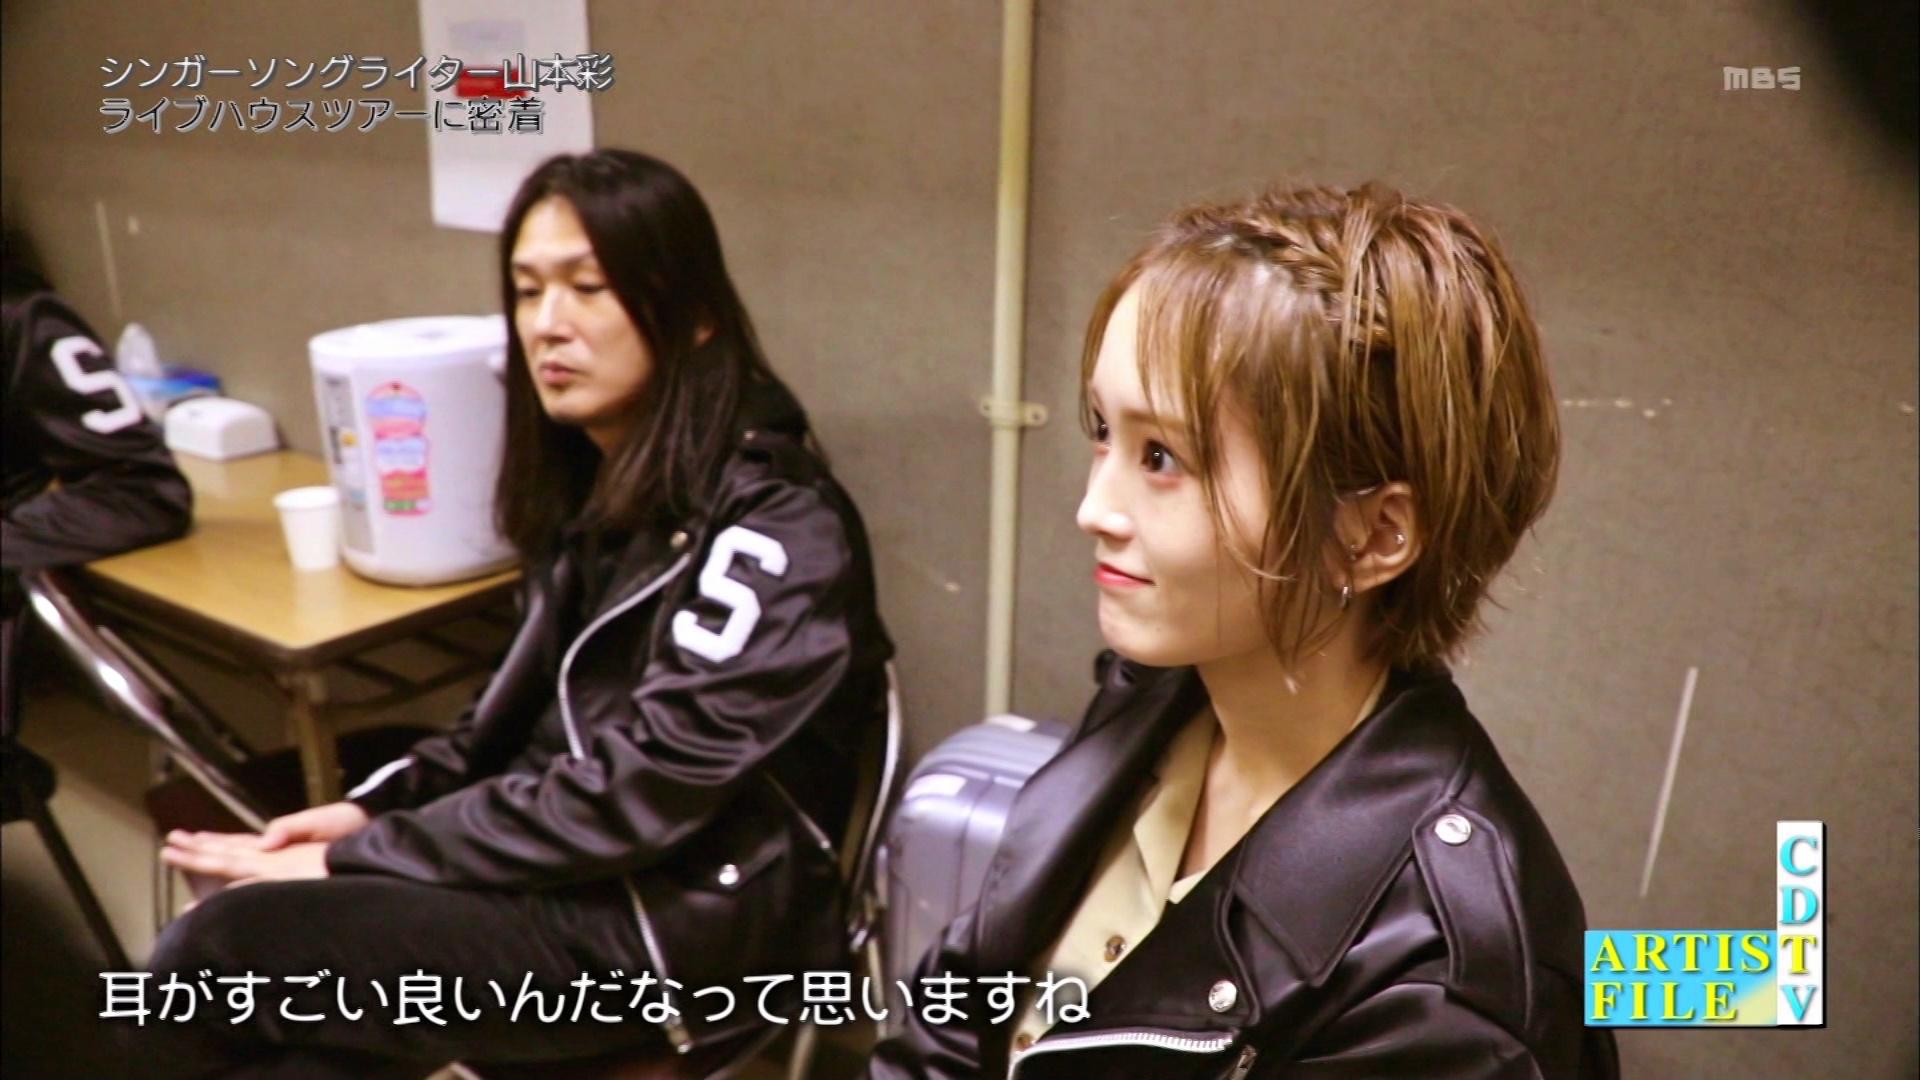 【山本彩】カウントダウンTV・さや姉のライブハウスツアーに密着と「イチリンソウ」スタジオ披露の画像。